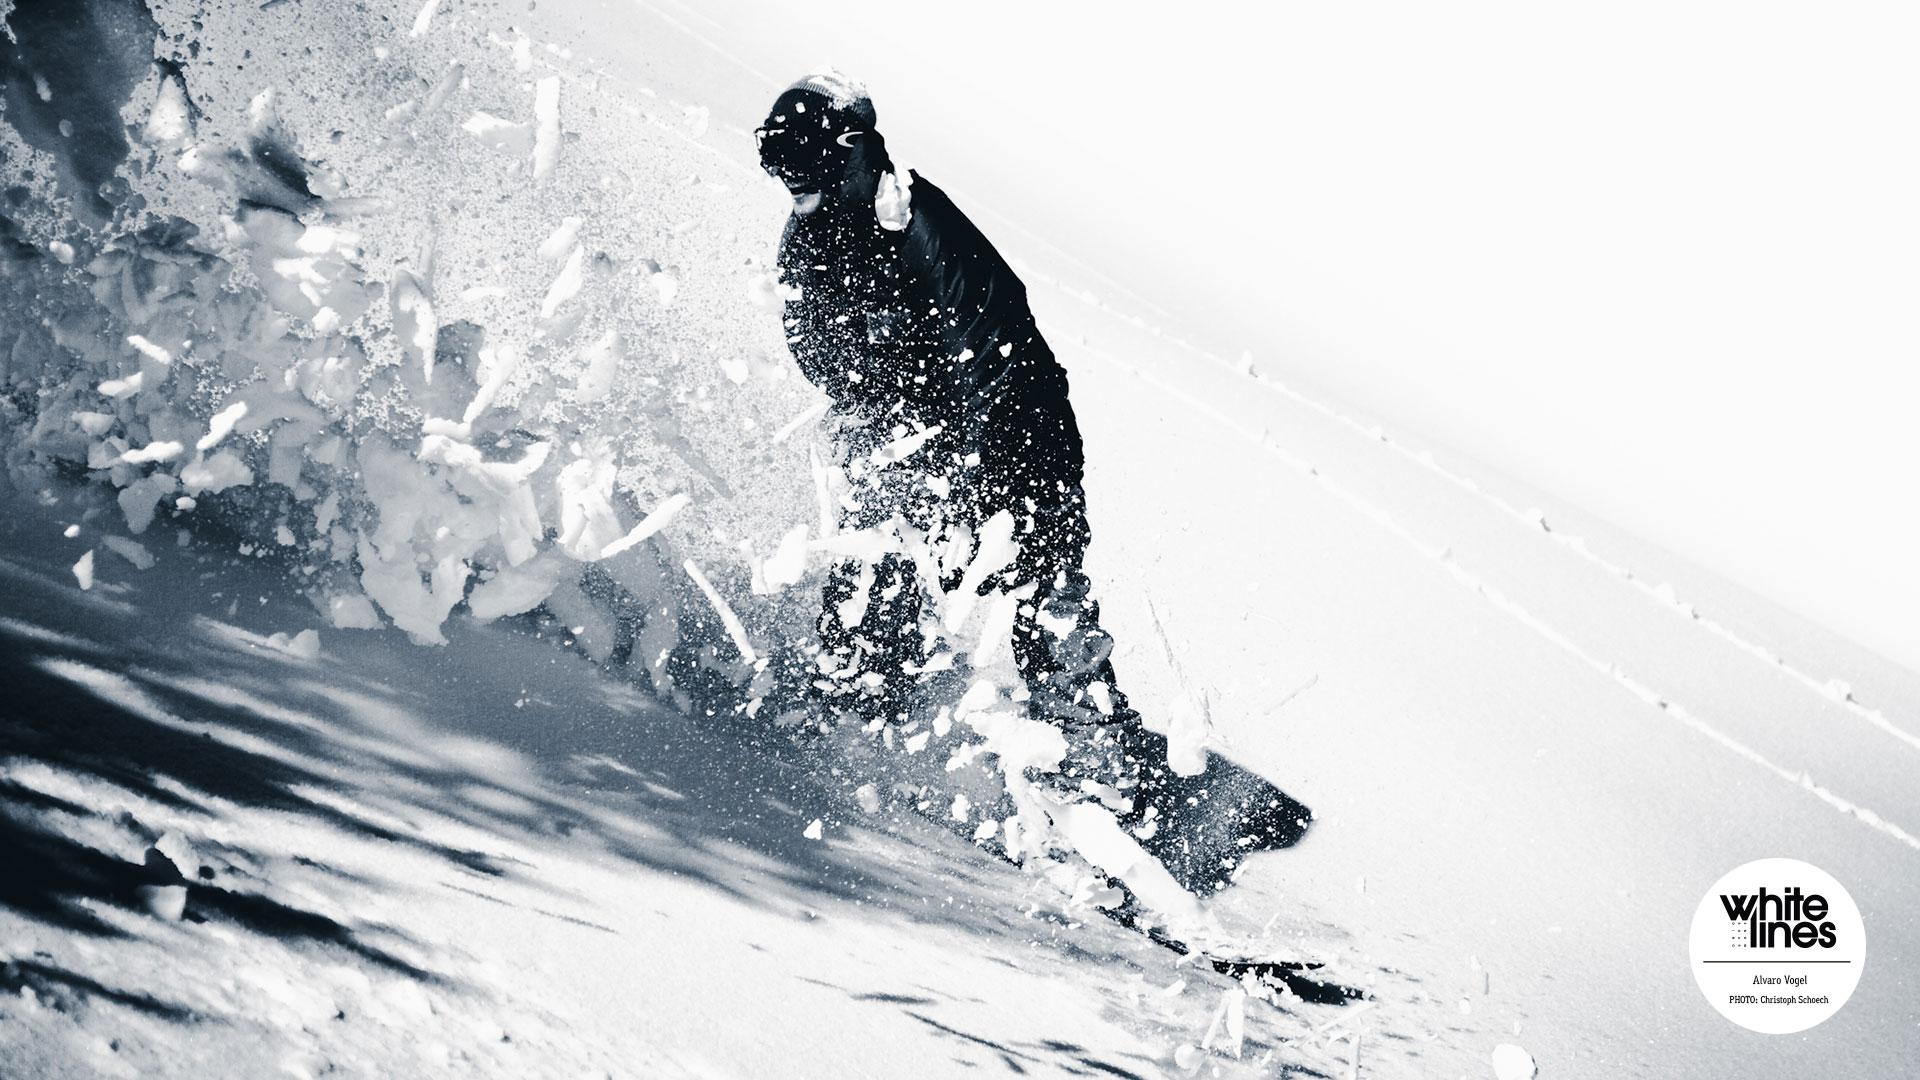 fonds d'écran snowboard : tous les wallpapers snowboard